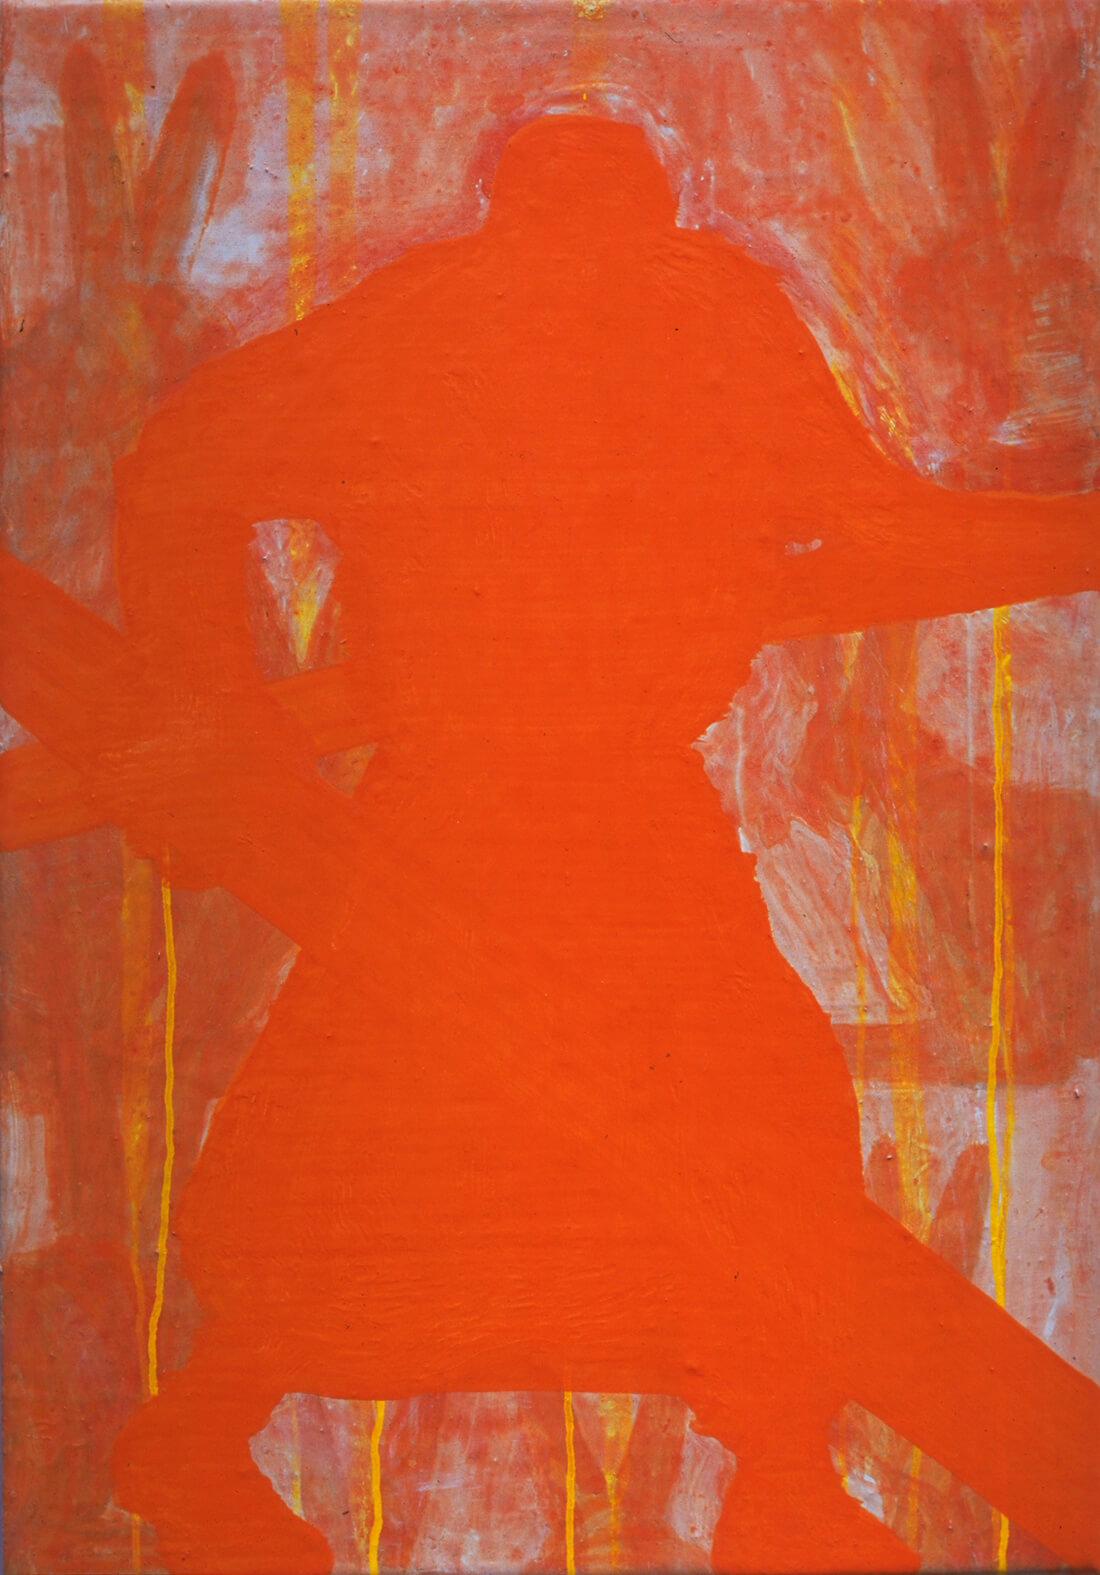 untitled (Jesus de conejos), 55 x 39 cm, egg tempera on canvas, 2000